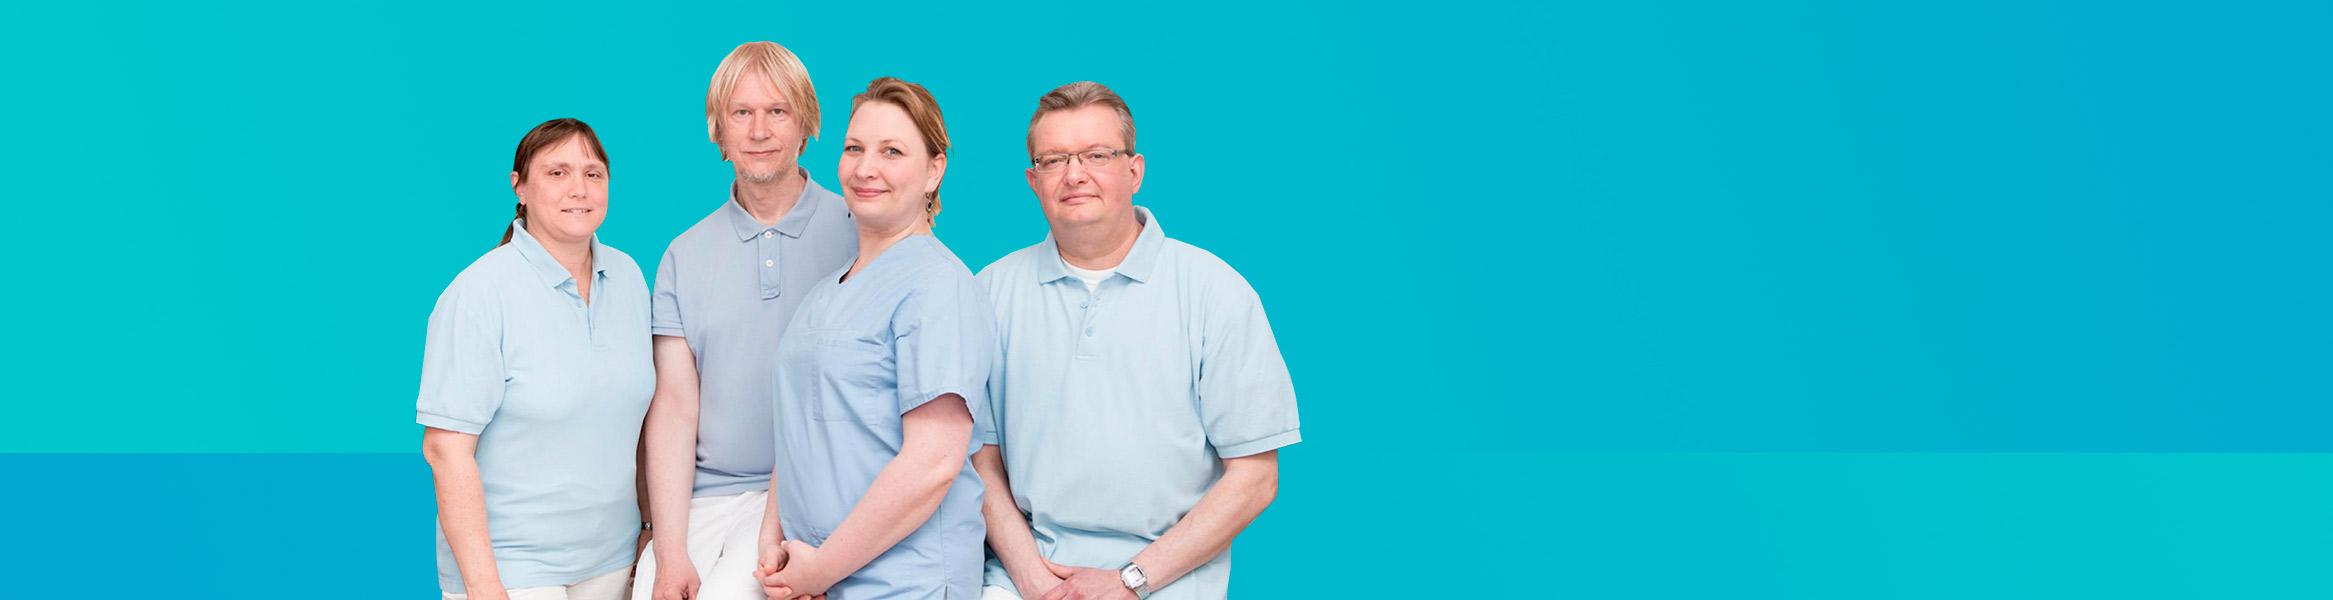 Hausarzt Team Dr. Häusler Prenzlauer Berg